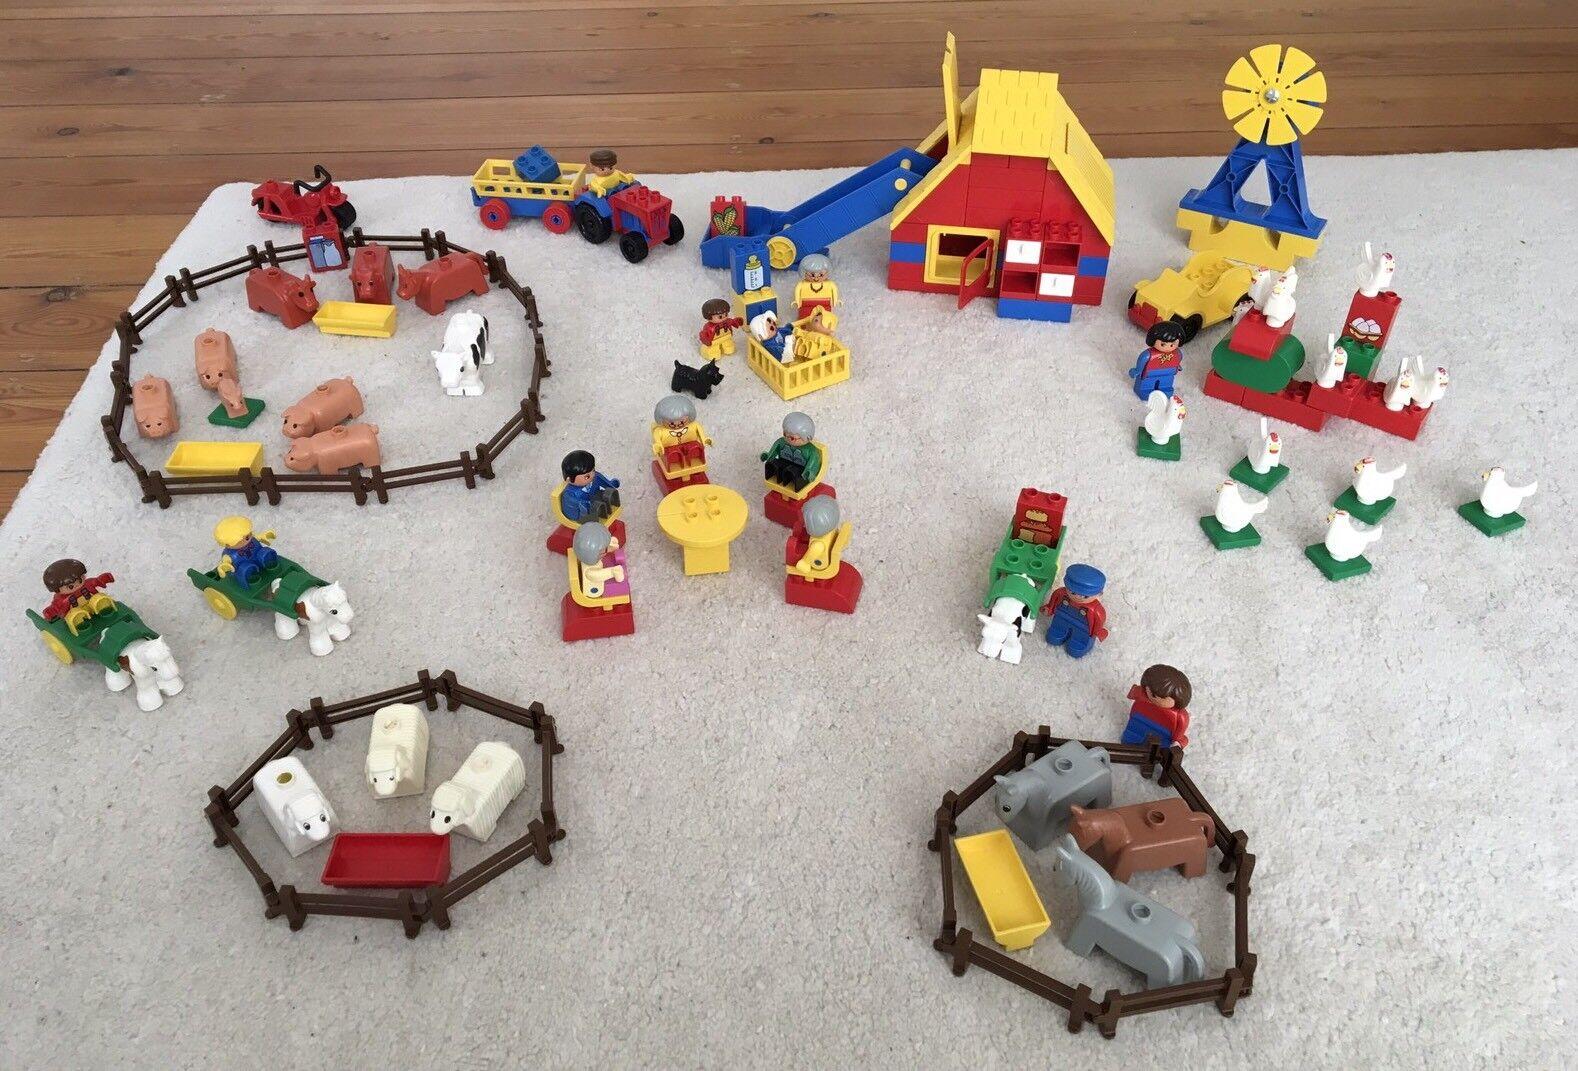 XXL LEGO DUPLO Farm   Bauernhof mit vielen Tieren und Zubehör, s. Aufbaubeispiel